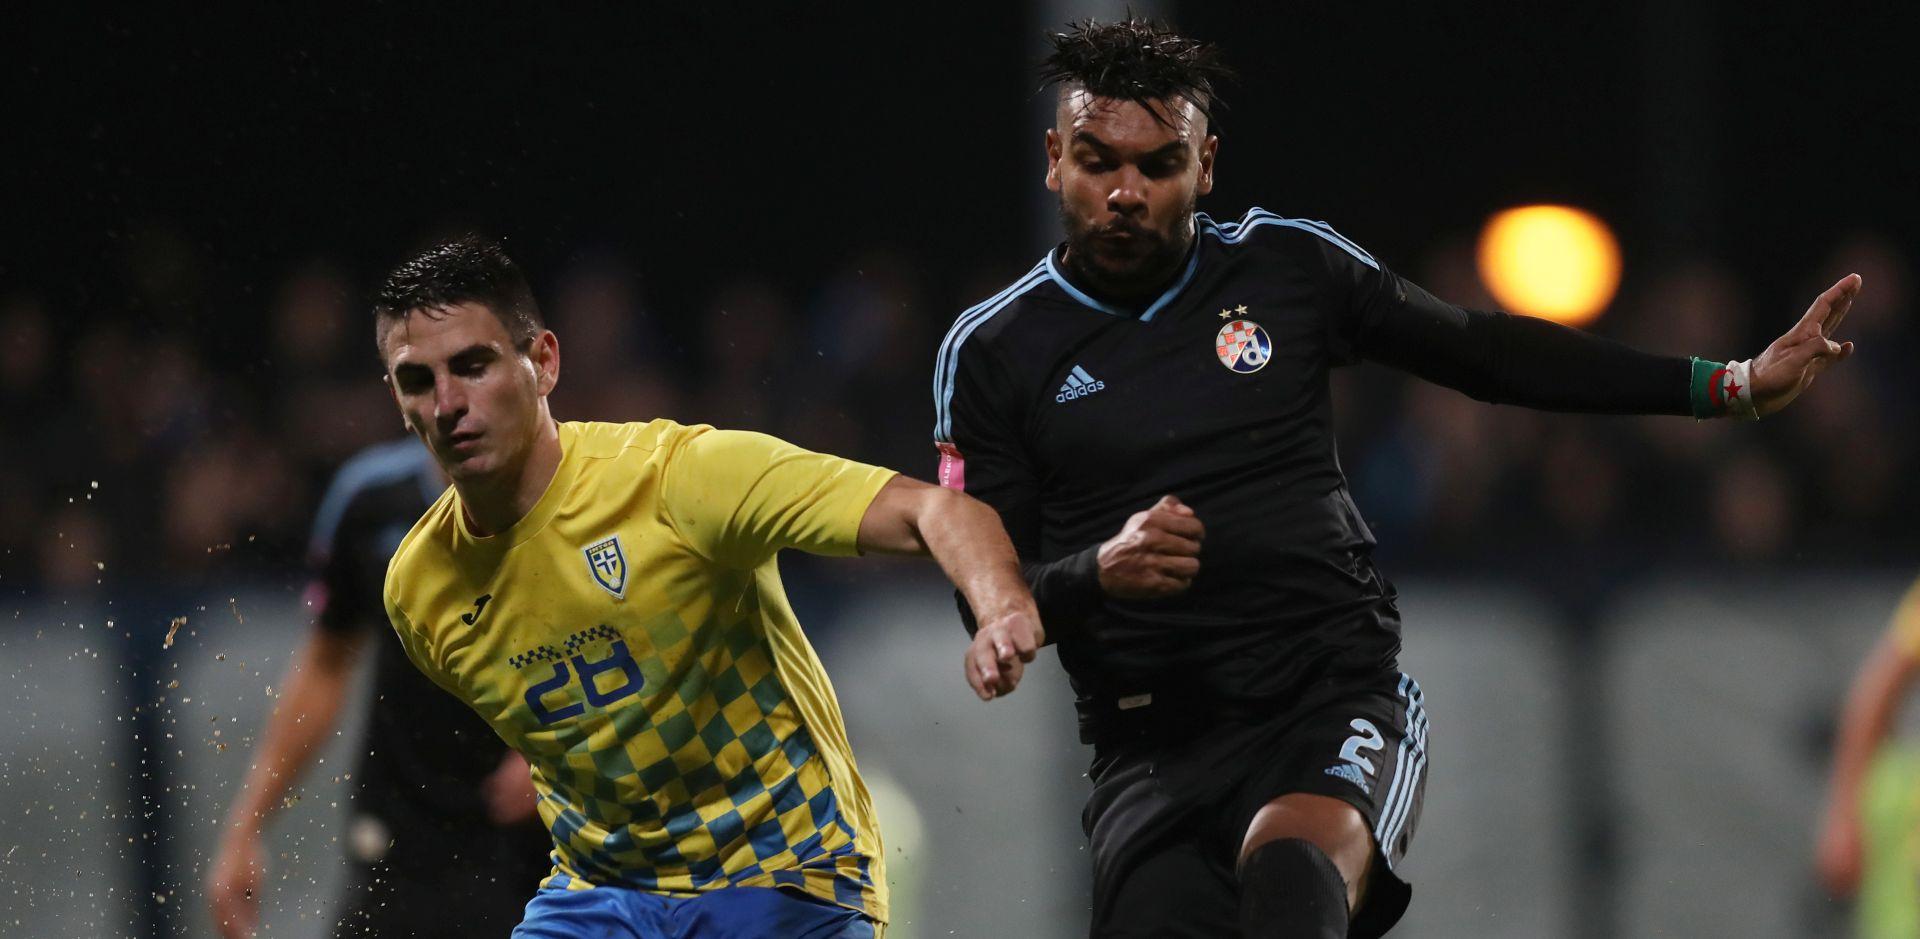 HNL Pobjedom u Zaprešiću Dinamo Rijeci pobjegao na +7